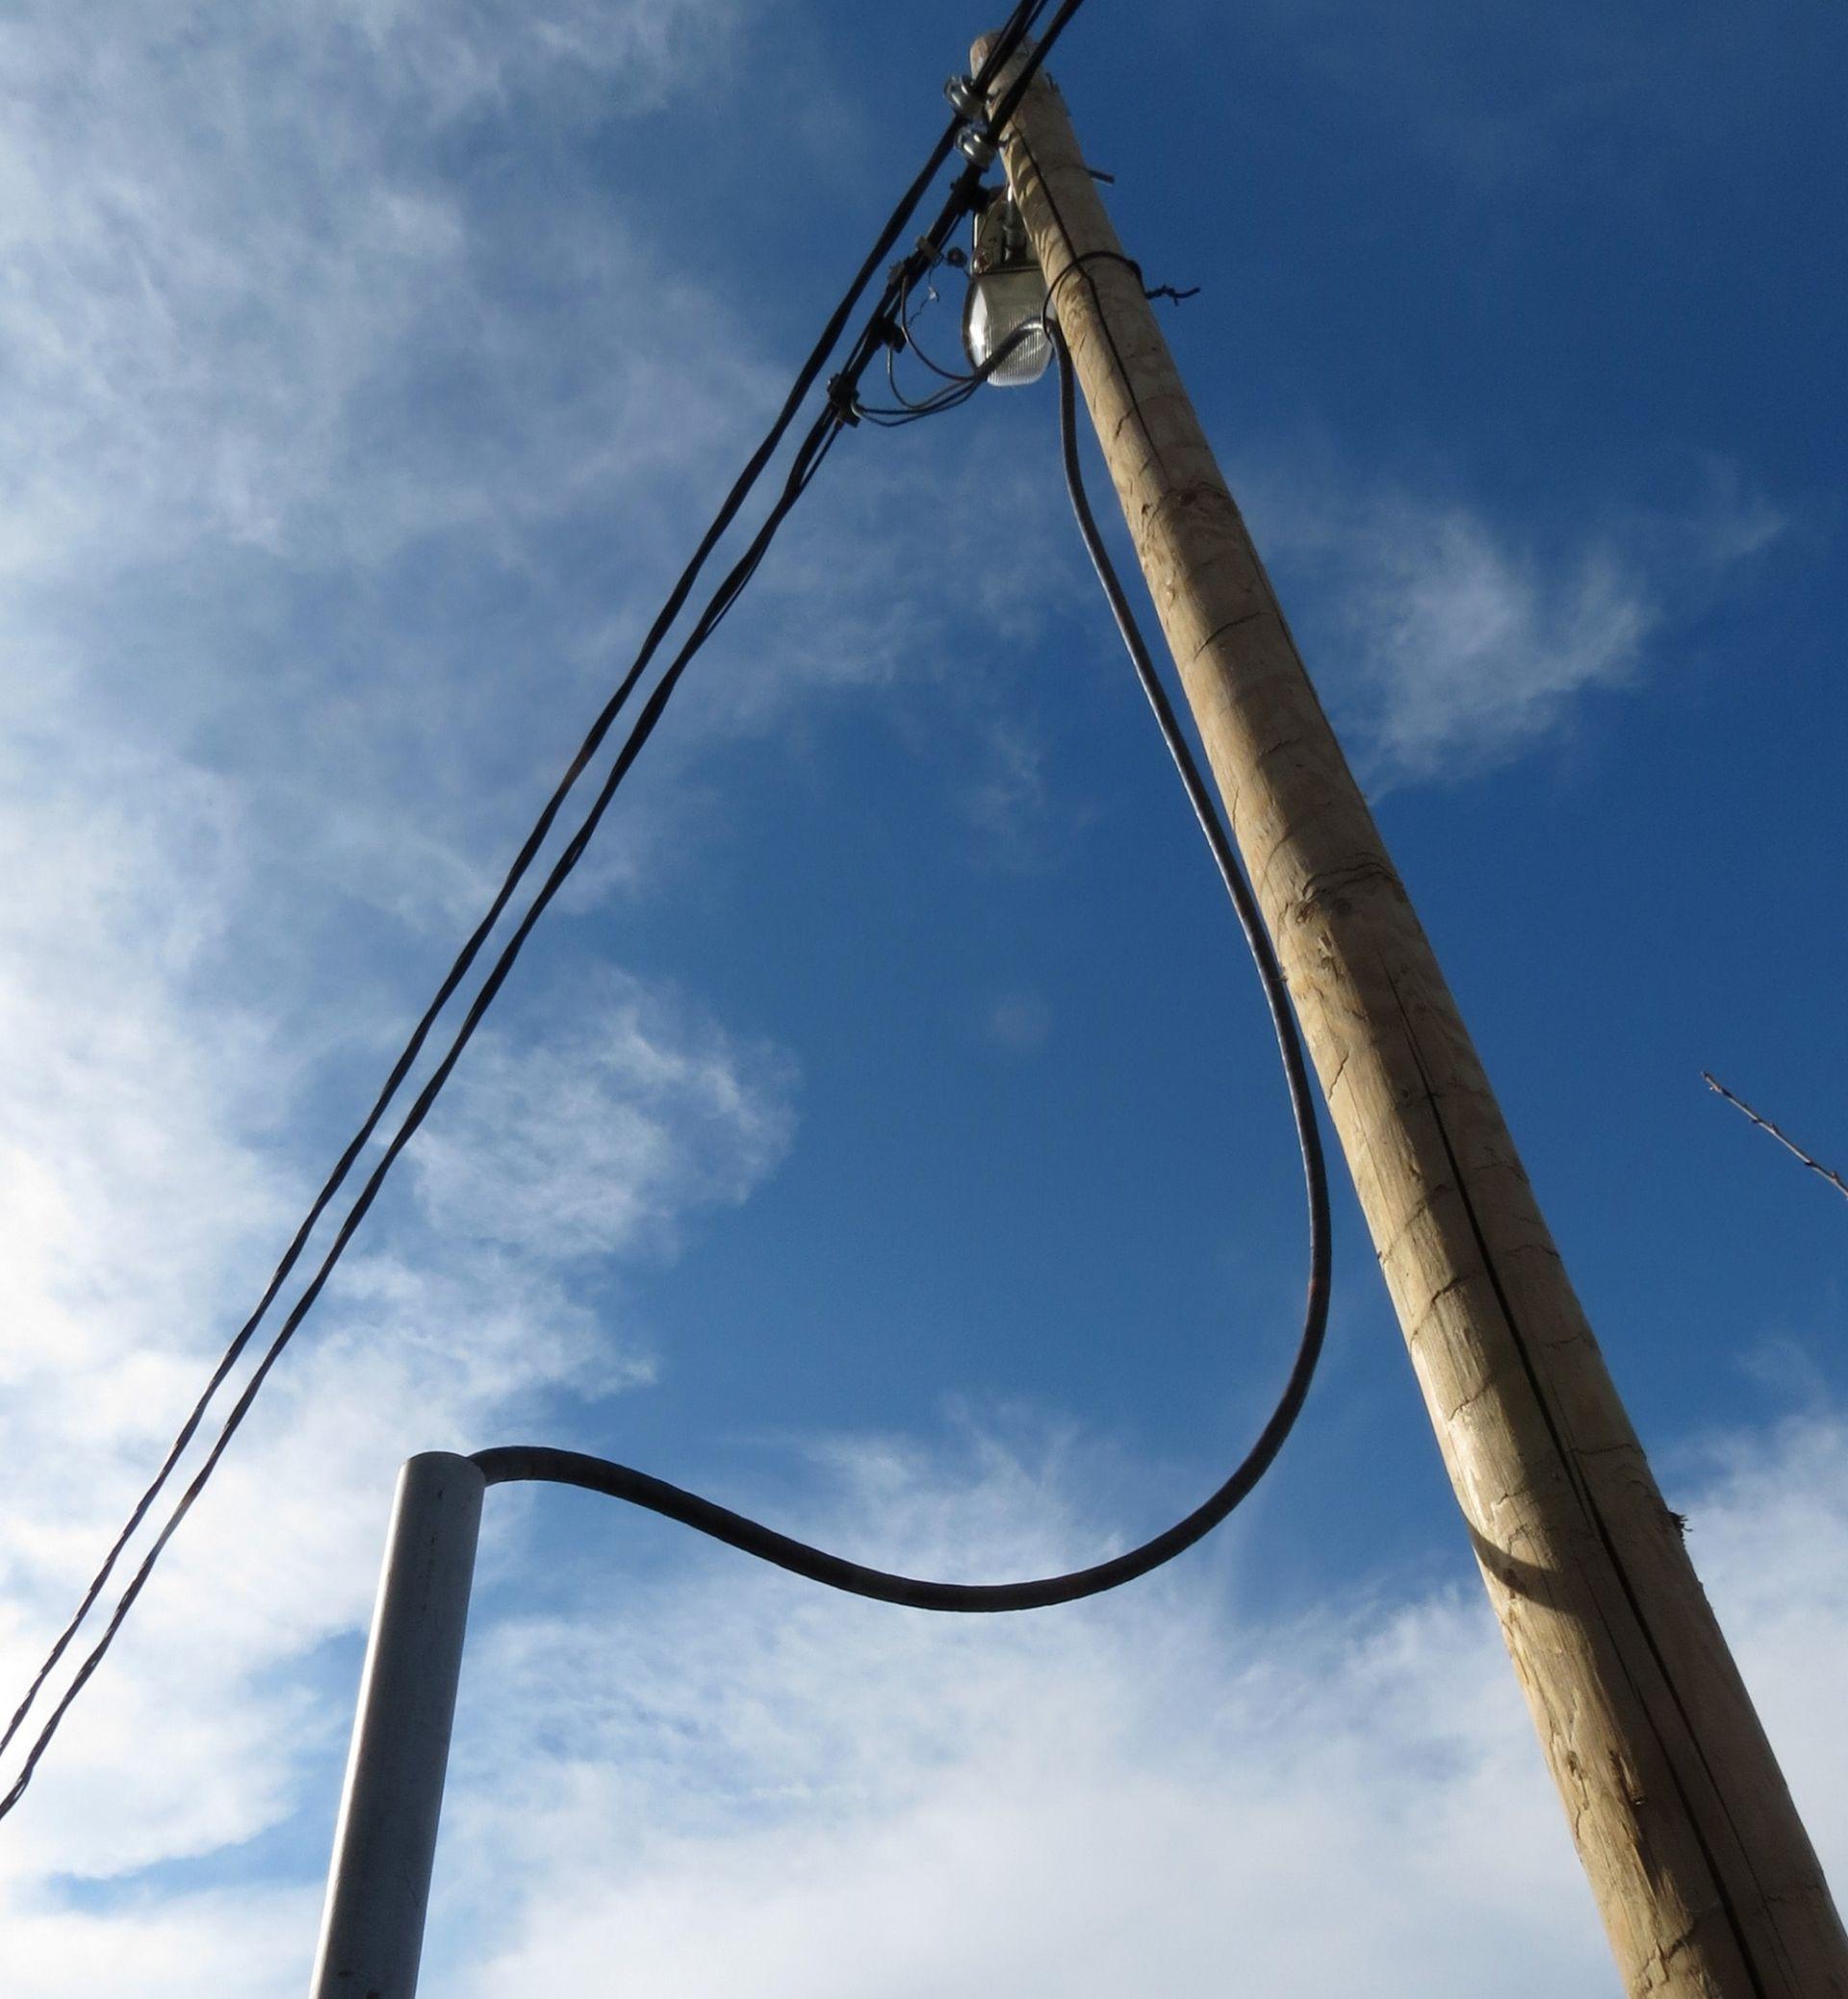 NAKON BURE: Popravljeni dalekovodi na velebitskom području